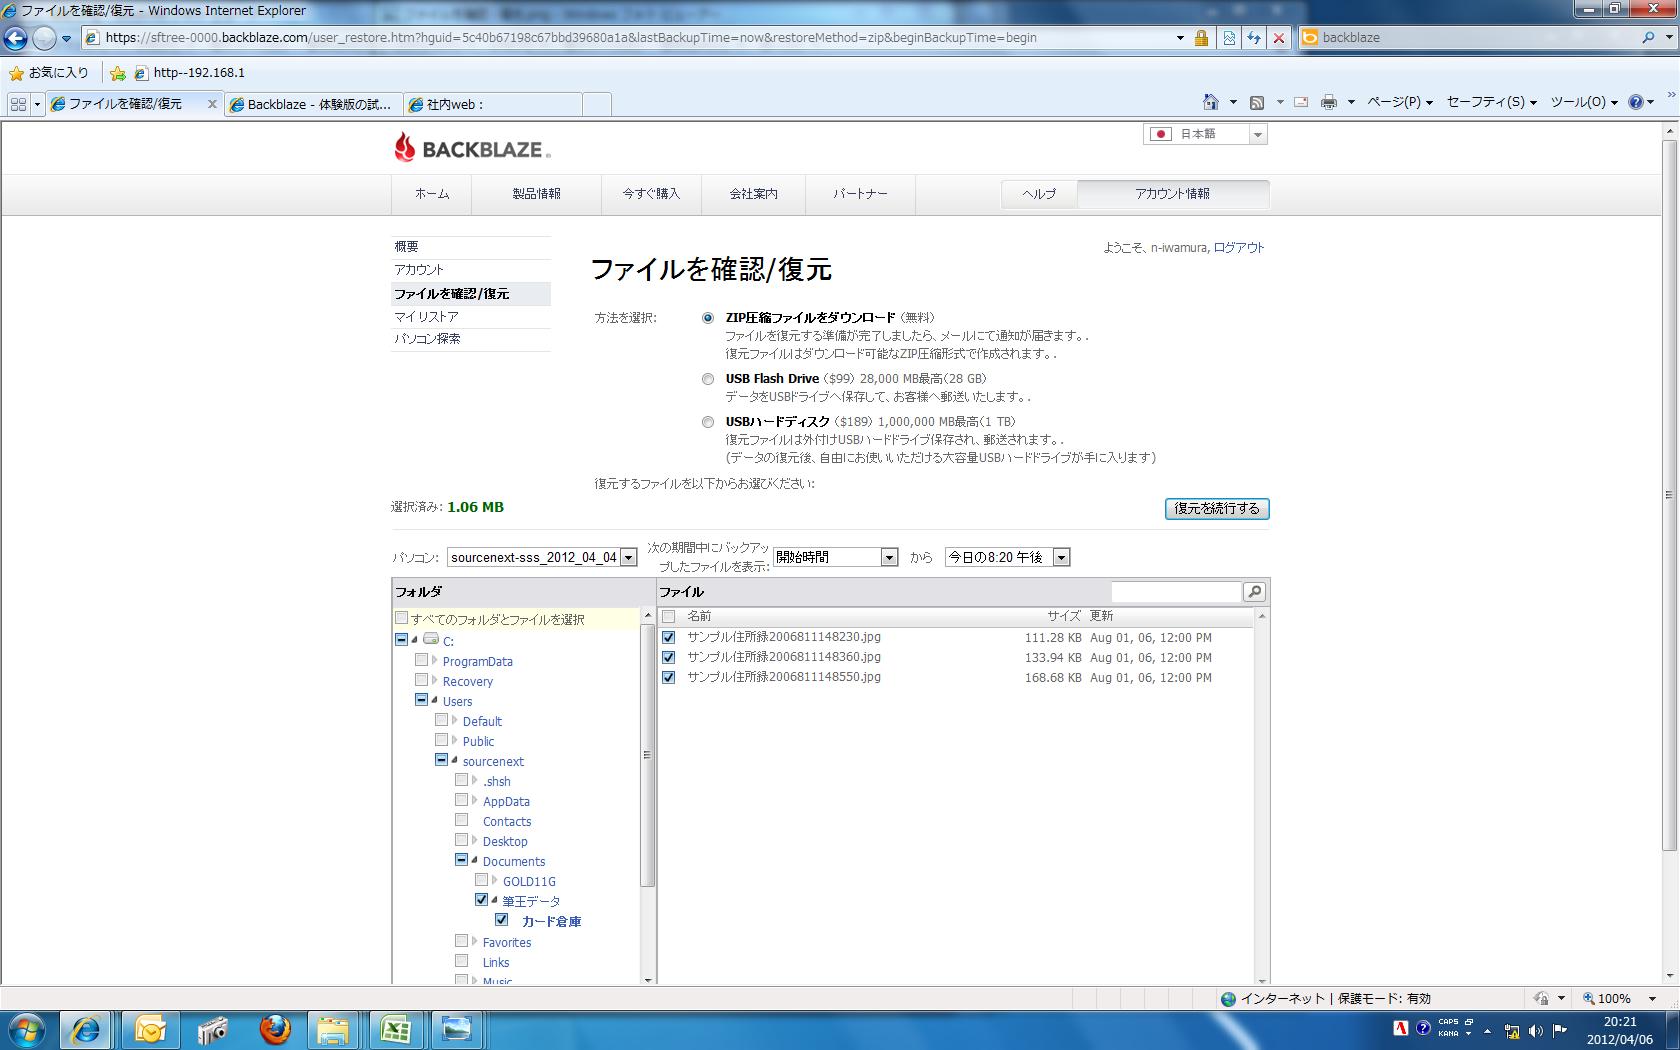 ウェブブラウザーを介してバックアップファイルをダウンロードできる。この画面から、有償でUSBメモリやUSB接続のHDDで送付する注文もできる